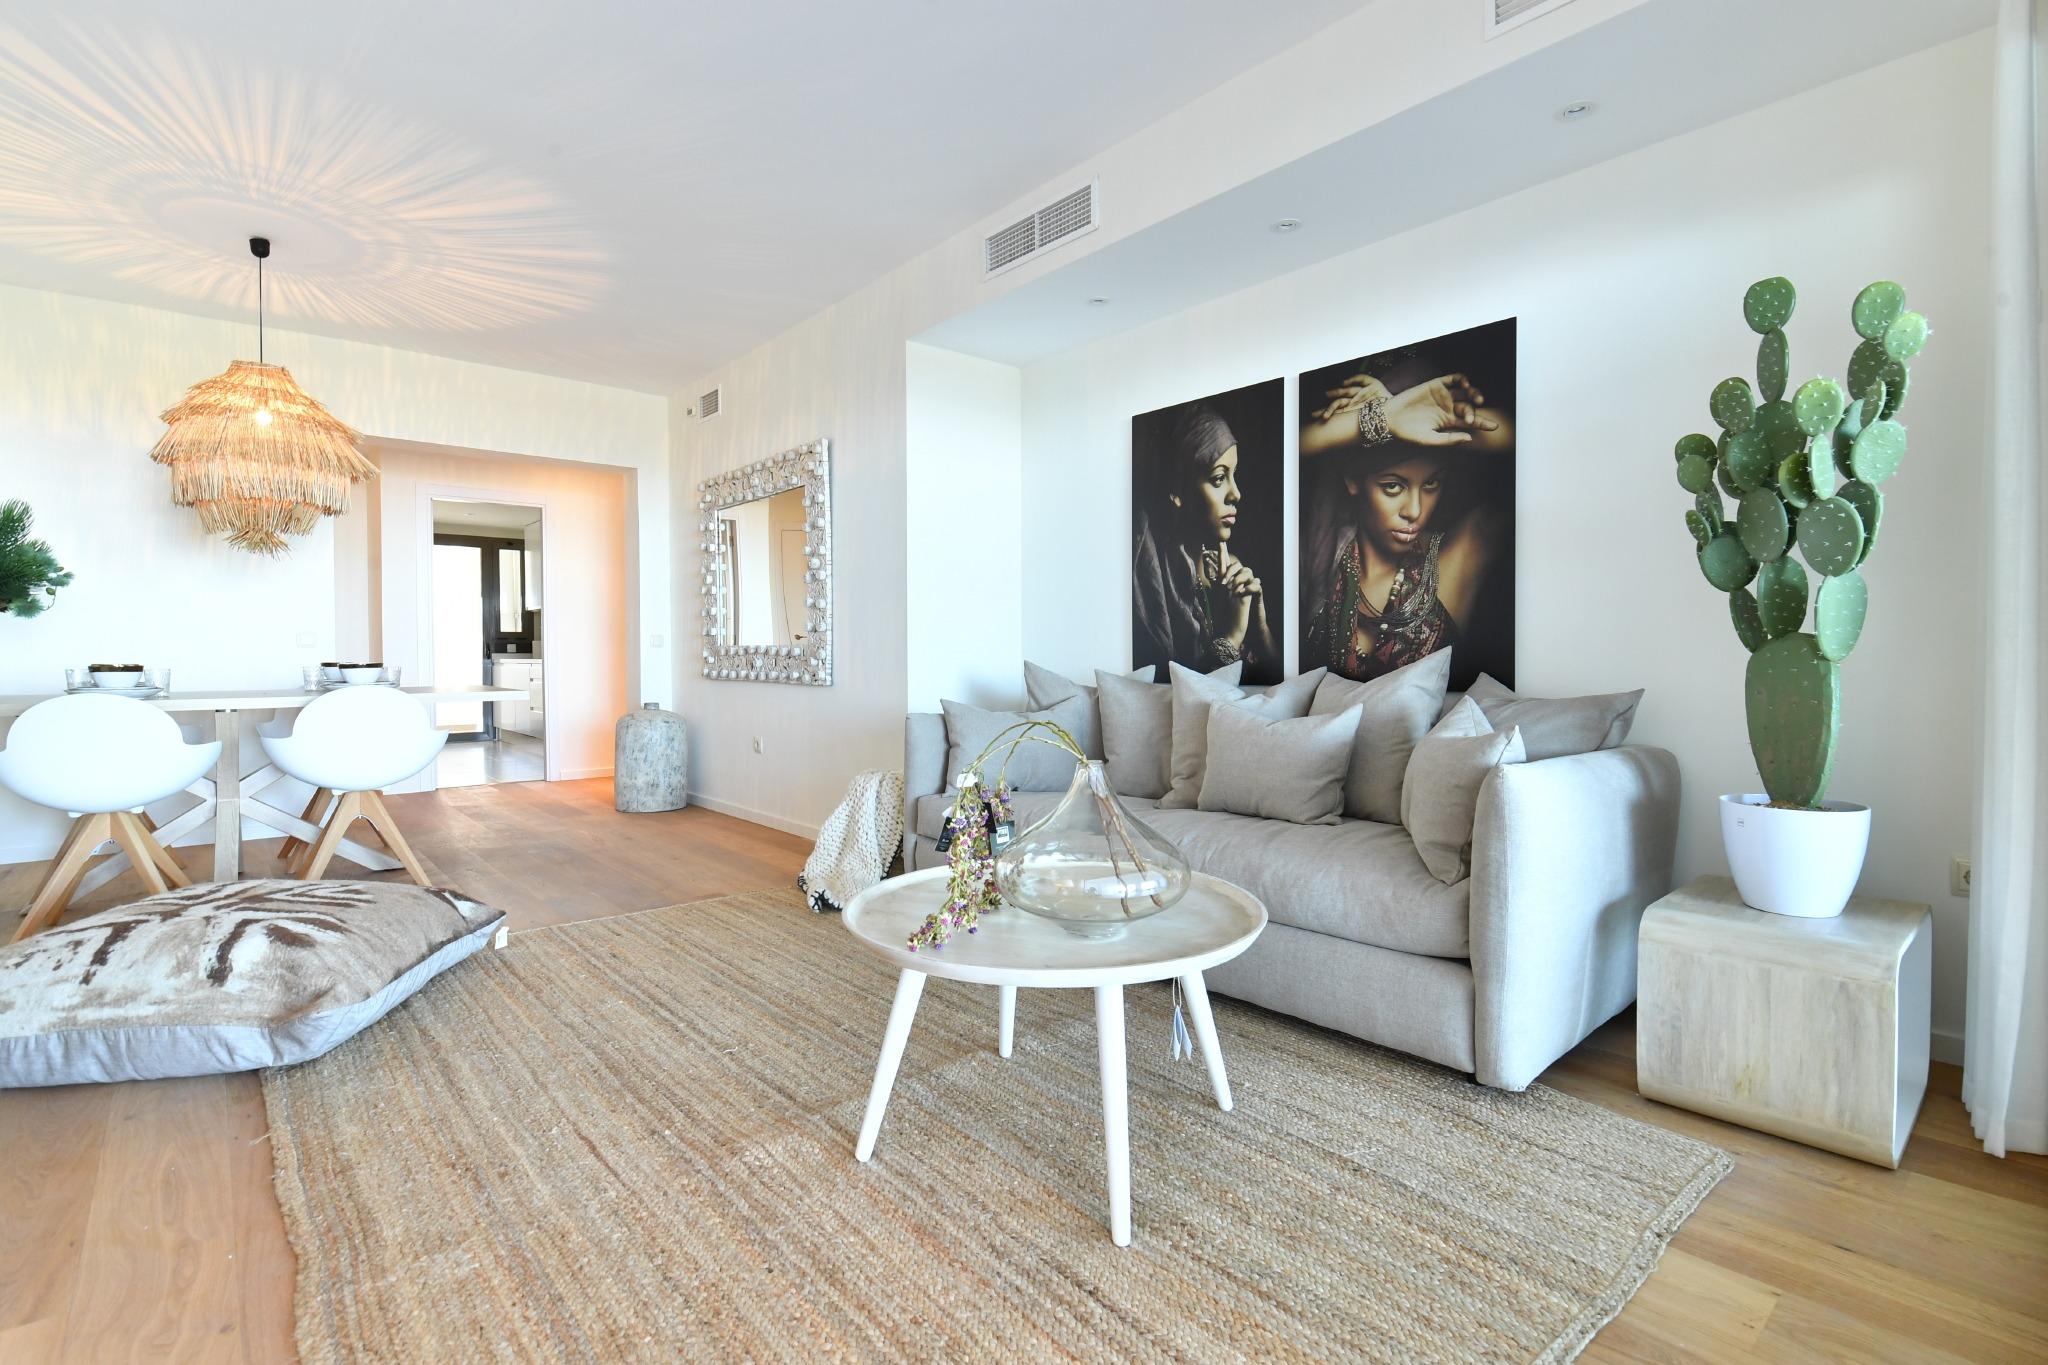 La-Cala-Suites-Ibiza-Style-Interior-6